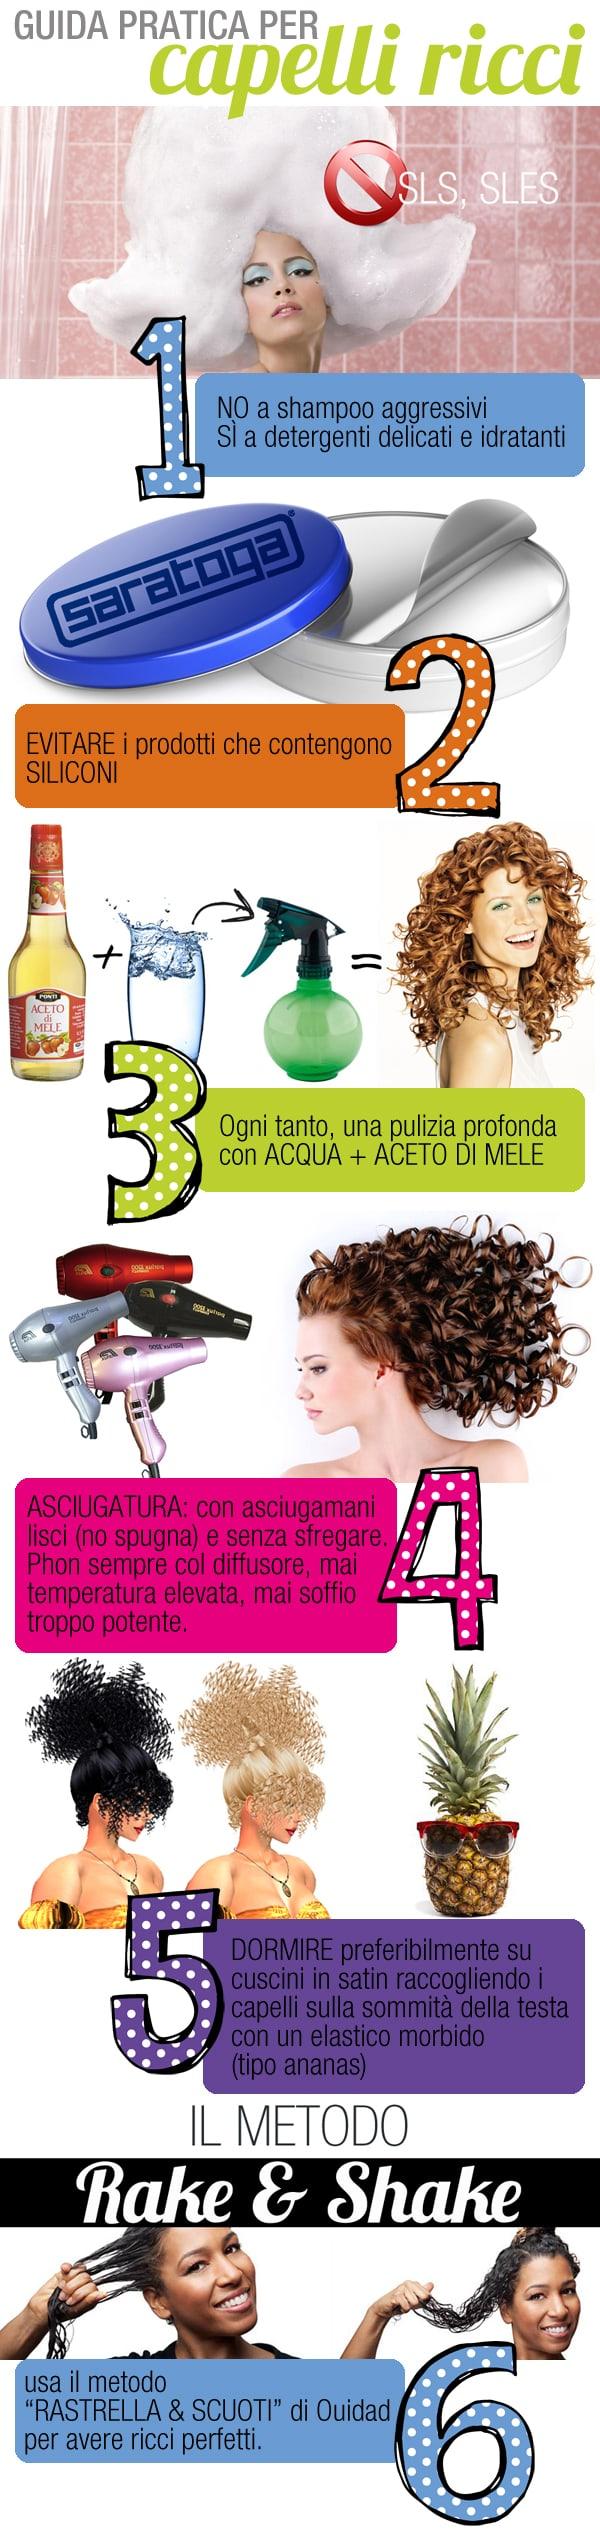 Styling per capelli ricci senza siliconi